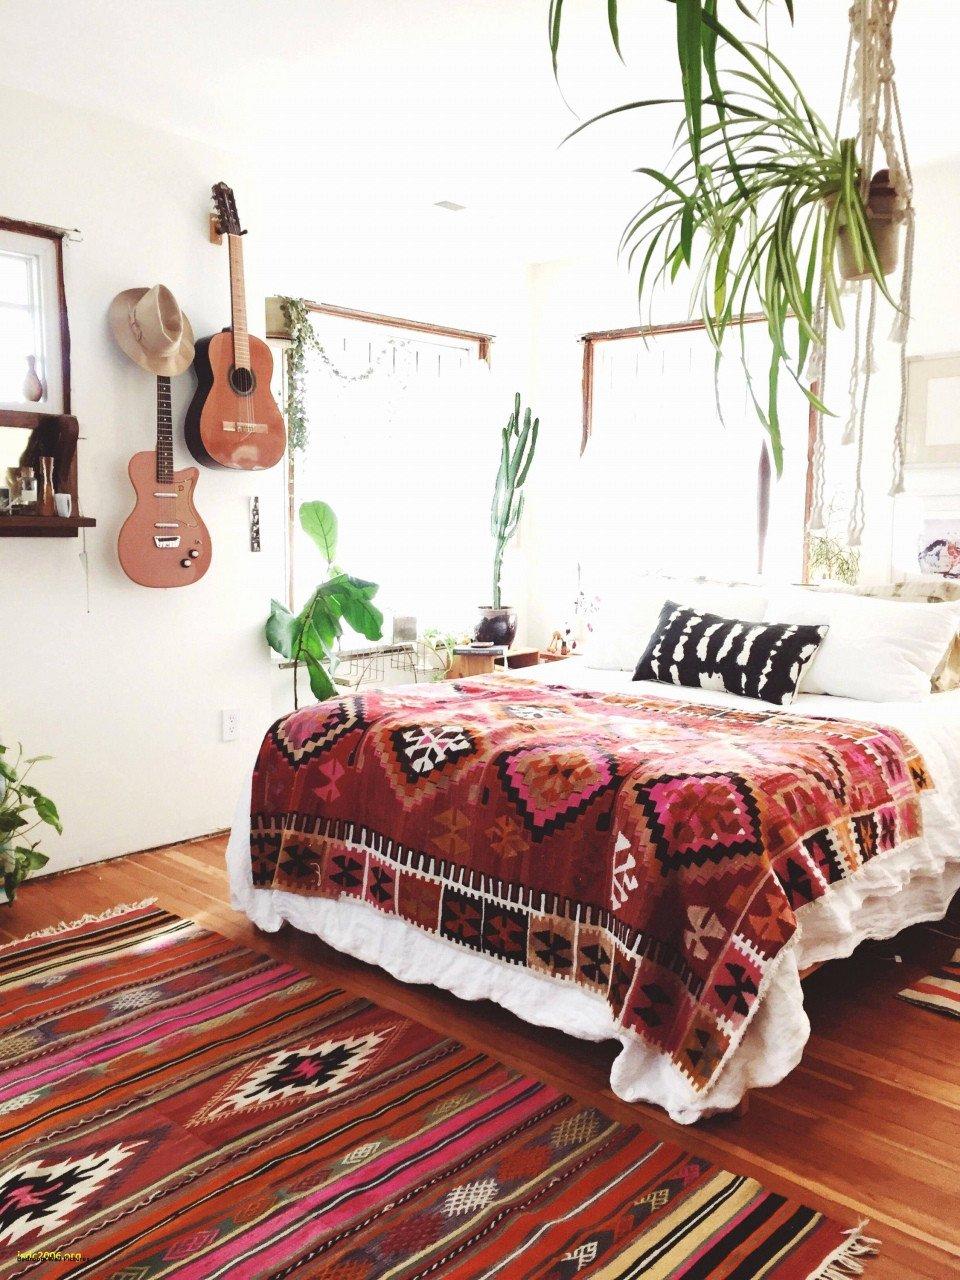 Wall Decals for Bedroom Best Of Bedroom Art Wall Decals for Bedroom Unique 1 Kirkland Wall